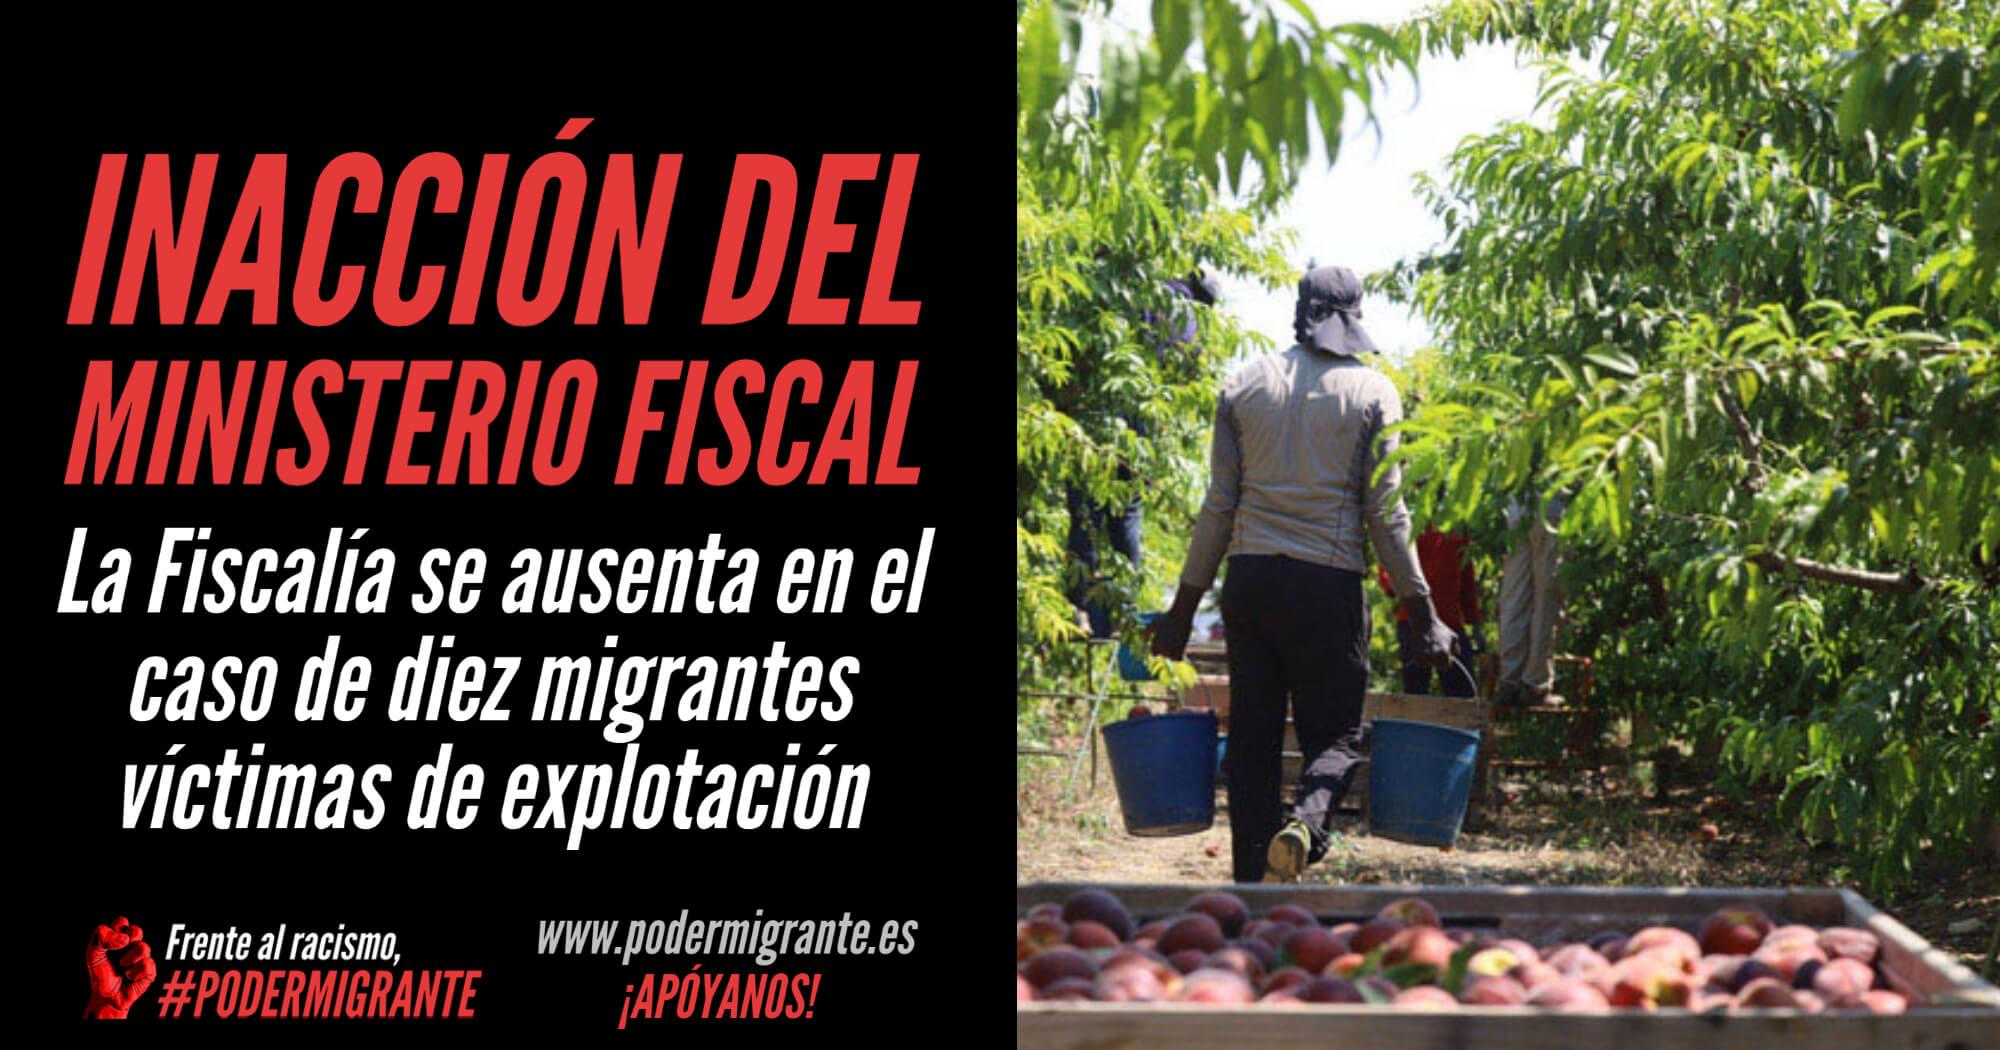 INACCIÓN DEL MINISTERIO FISCAL: se ausenta en el caso de 10 migrantes víctimas de explotación